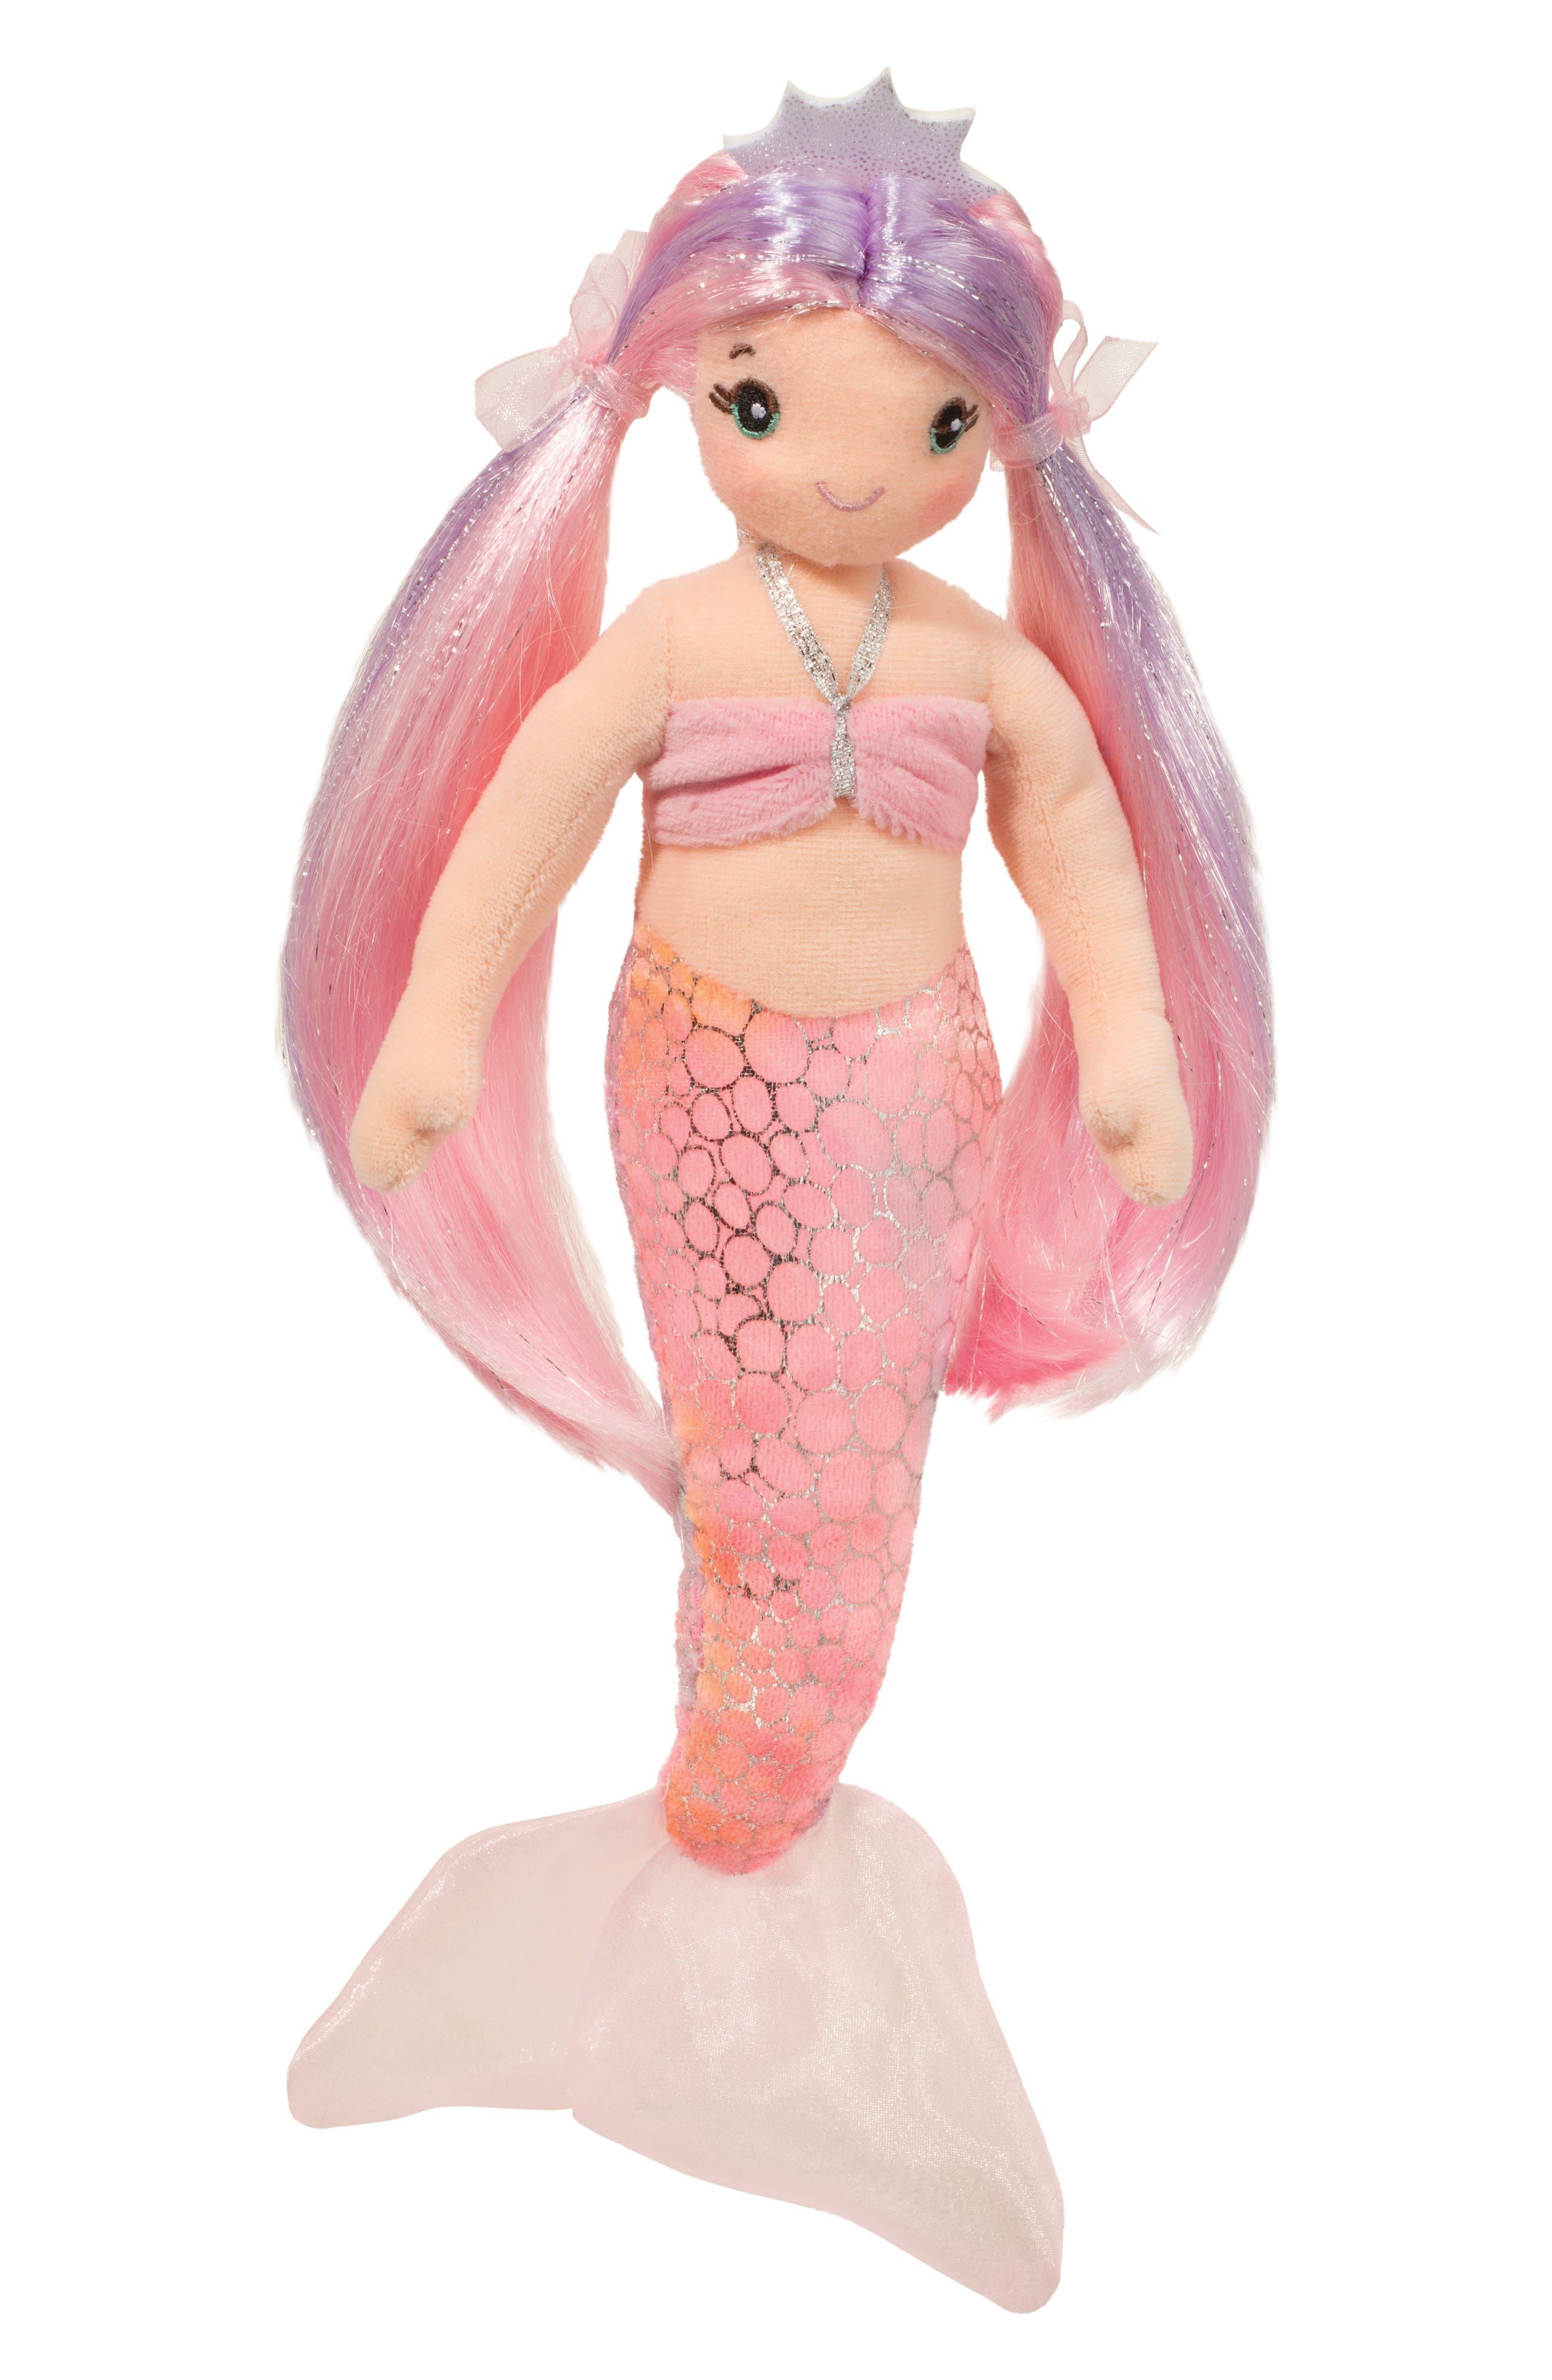 Douglas Serena Pink Mermaid Doll